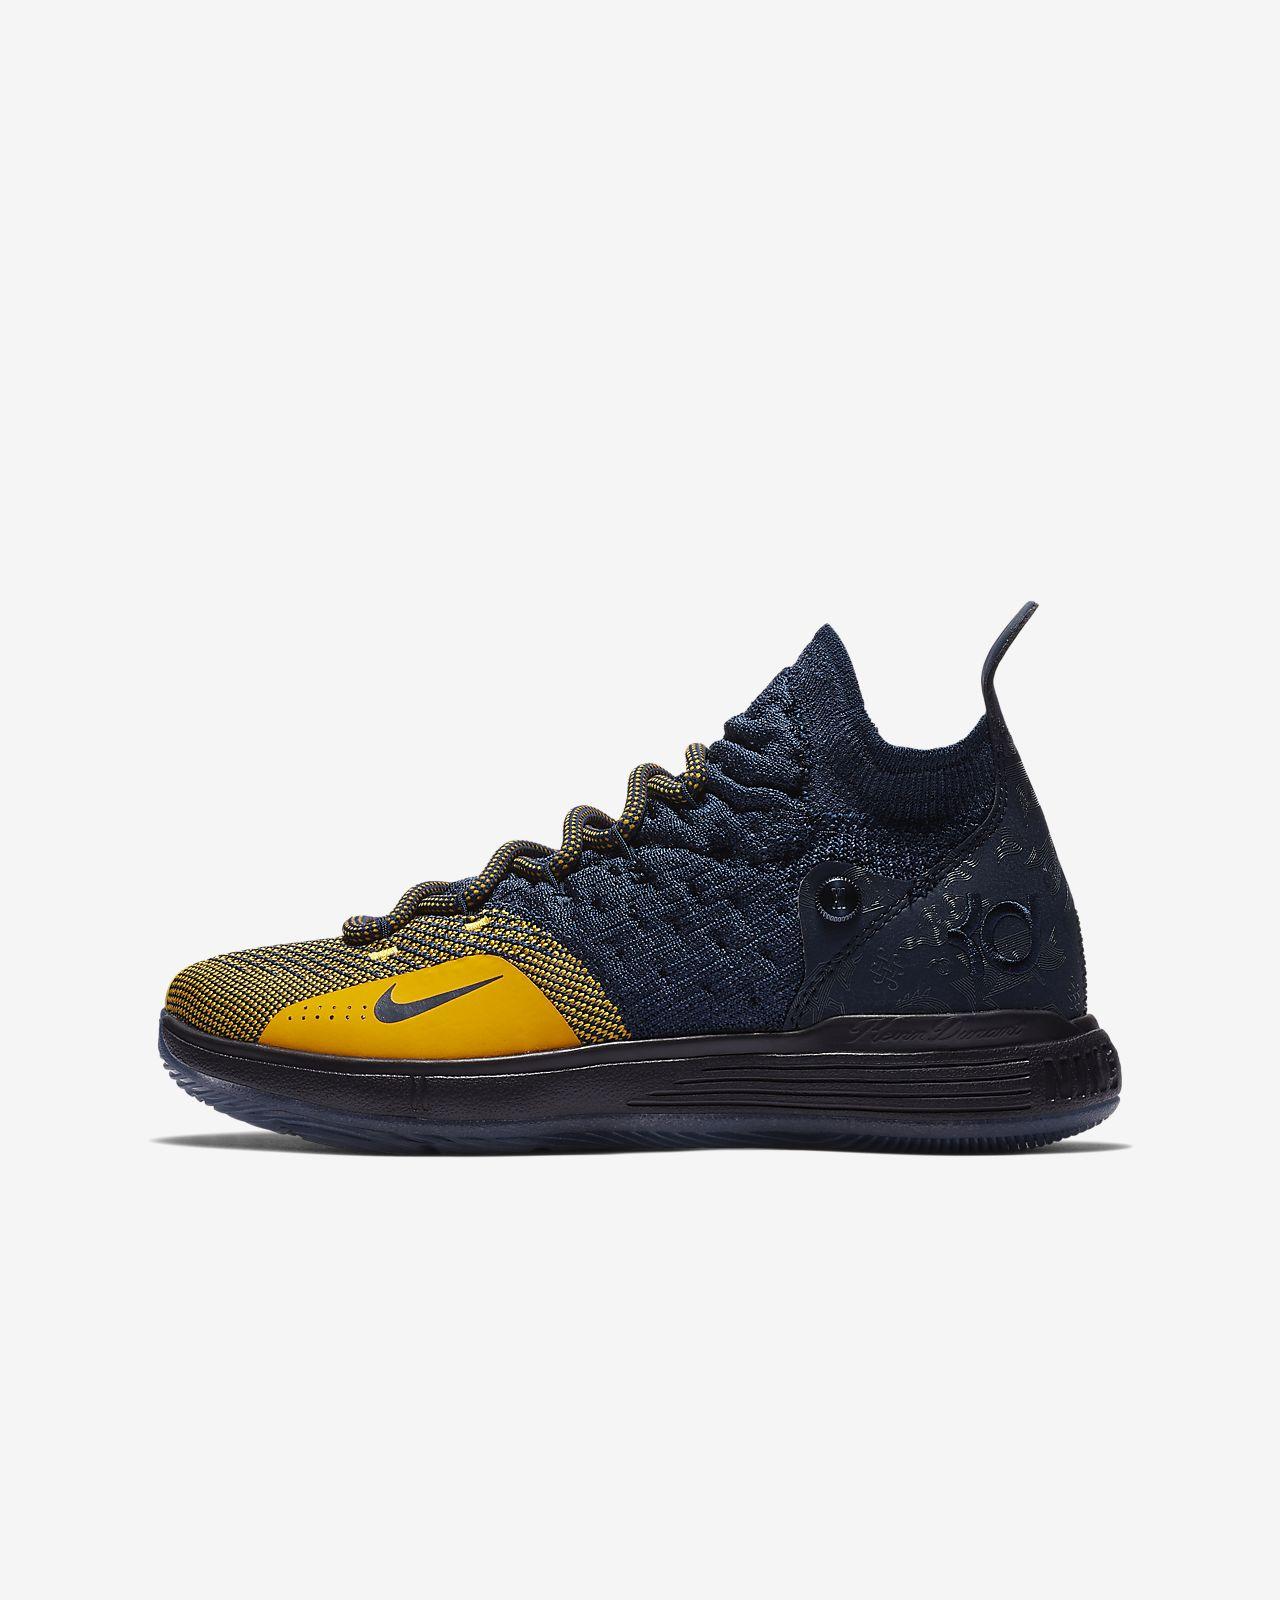 รองเท้าบาสเก็ตบอลเด็กโต Nike Zoom KD11